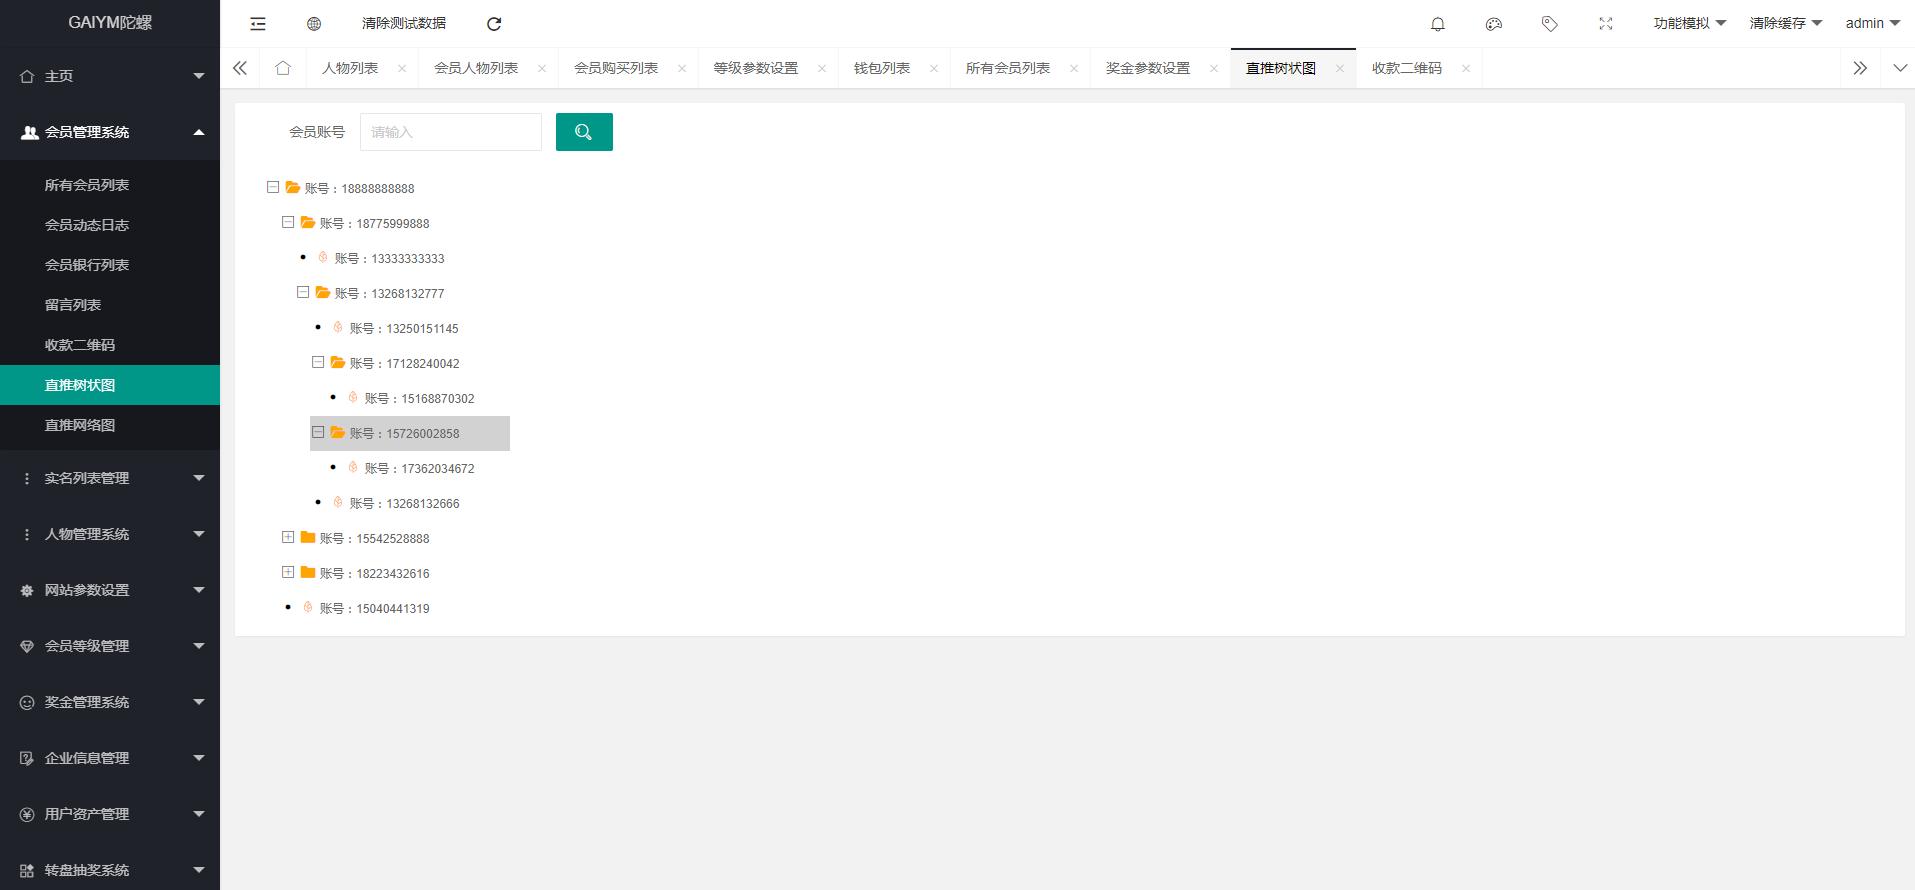 2020全新【亲测源码】陀螺世界区块链系统 宠物合成区块链牛气冲天运营版区块链系统源码下载